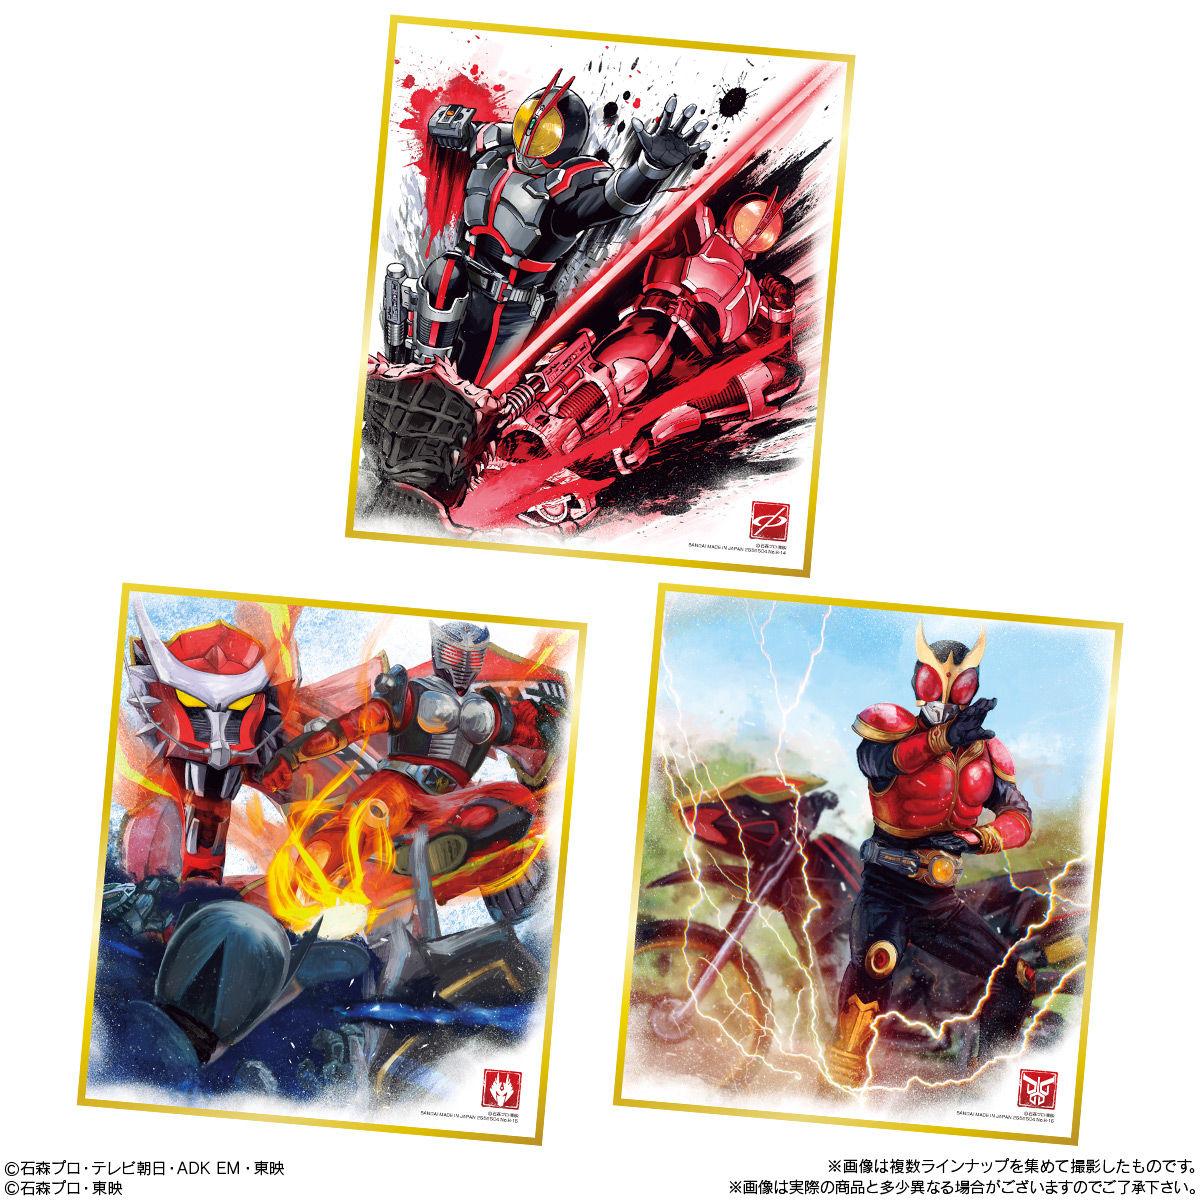 【食玩】『仮面ライダー 色紙ART8』10個入りBOX-007